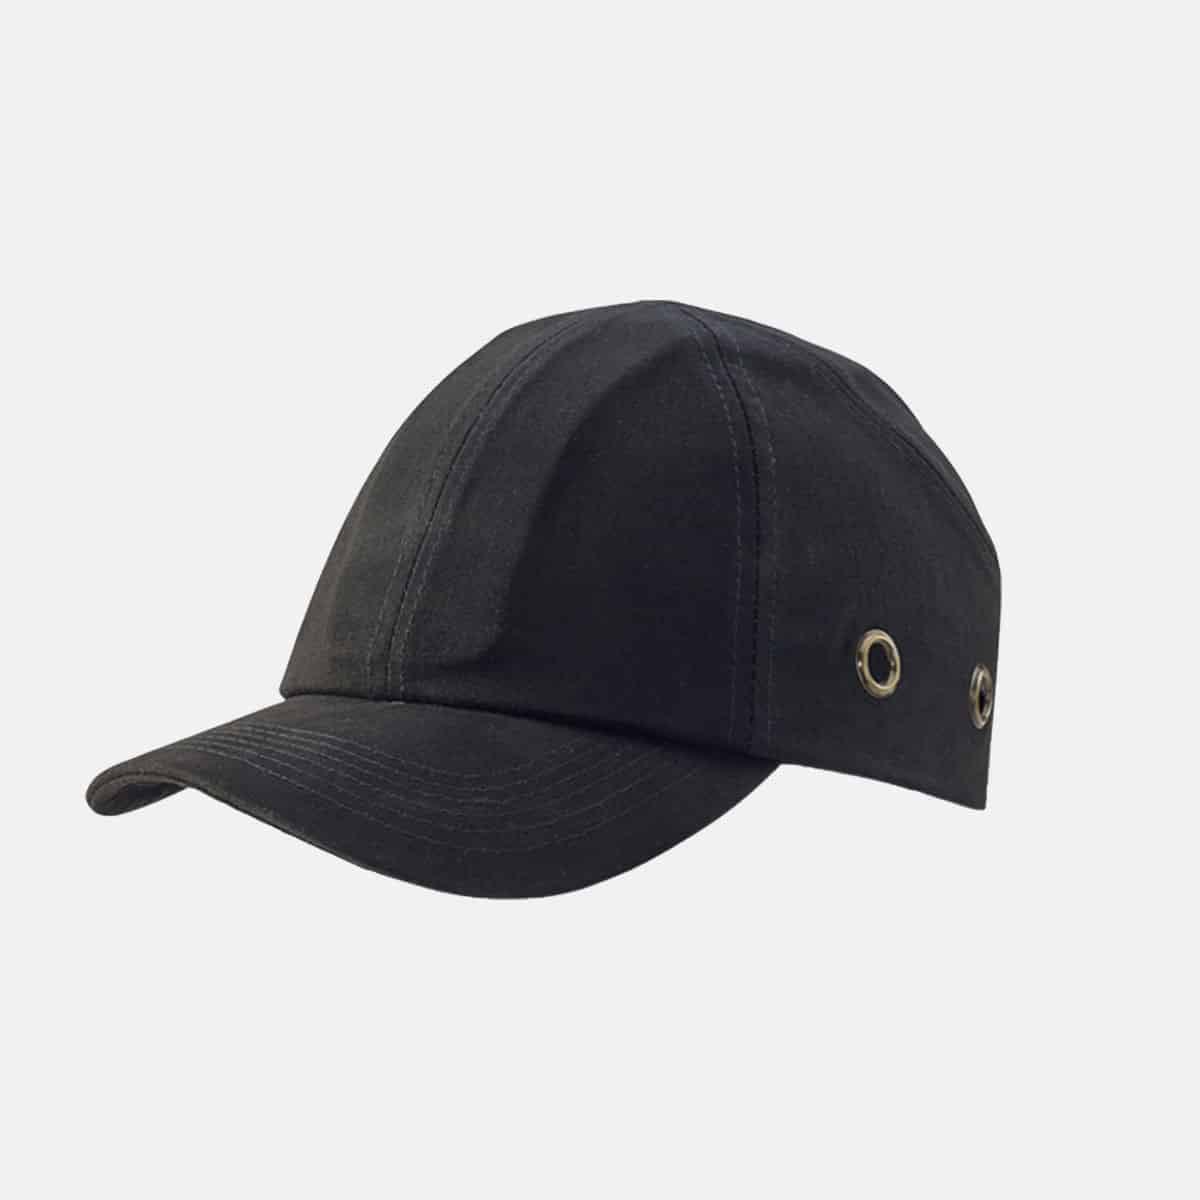 Bseen Safety Baseball Bump Cap Black